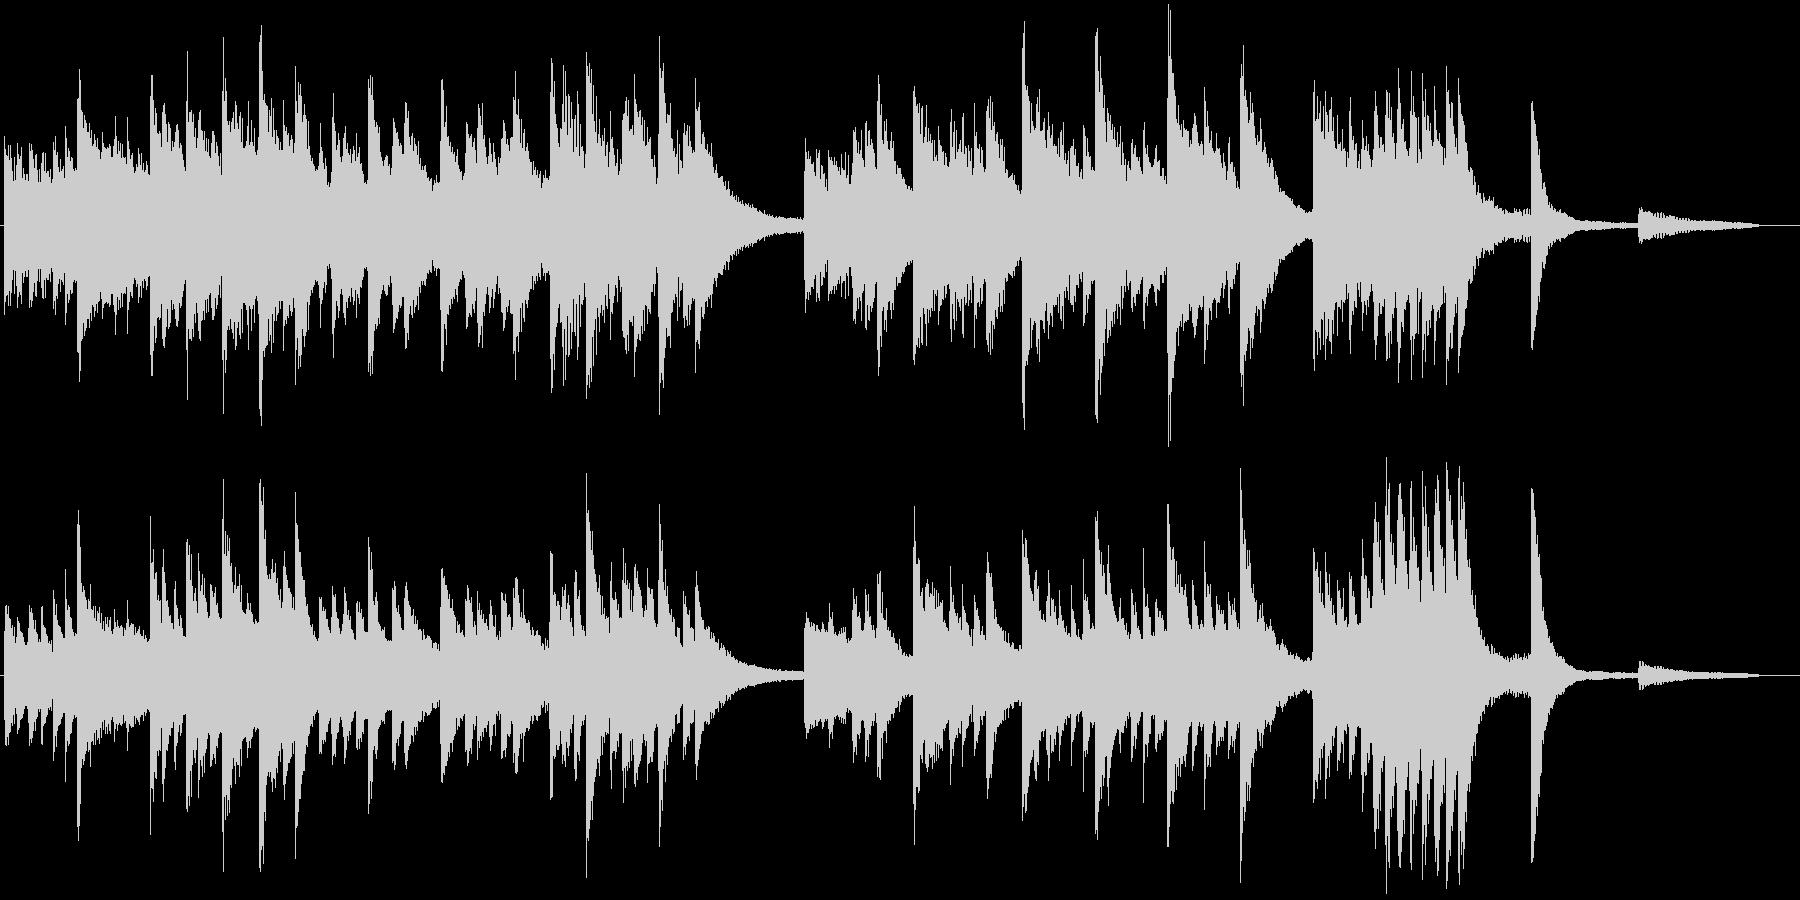 和やかなメロディの春らんまんピアノBGMの未再生の波形